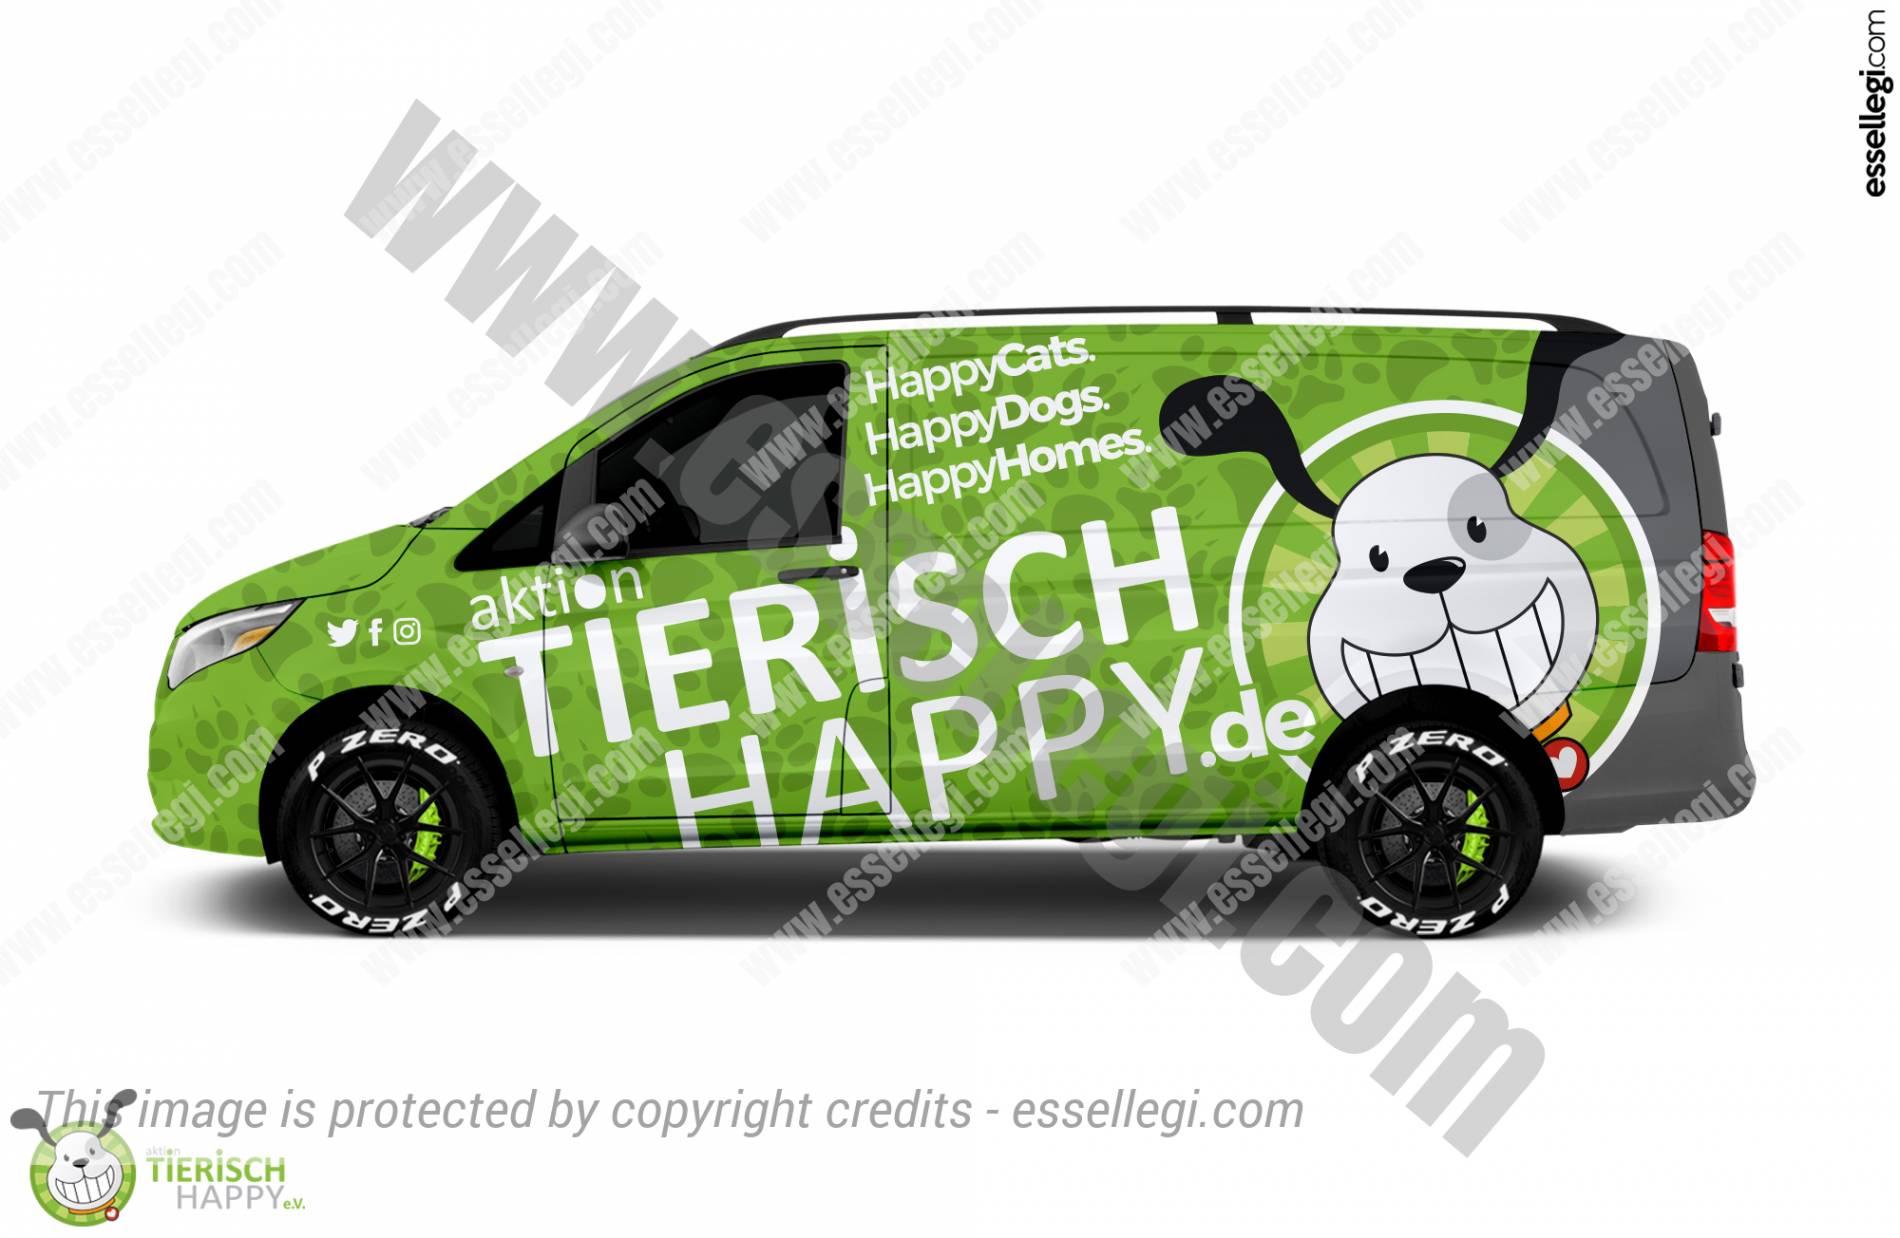 ACTION TIERISCH HAPPY | VAN WRAP DESIGN 🇩🇪